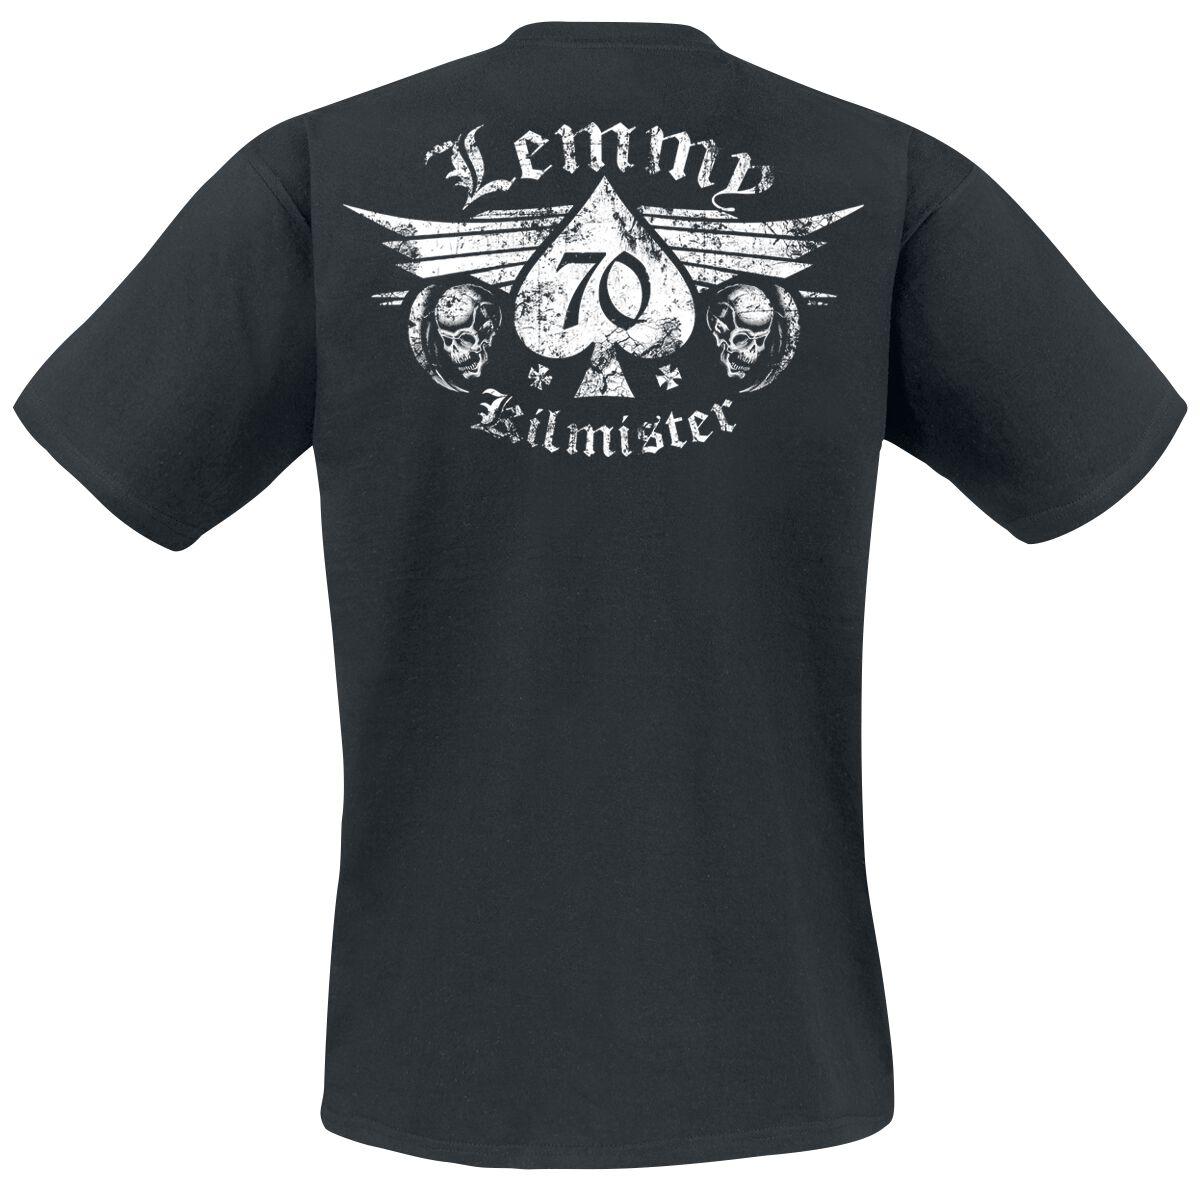 6f25f6ce82d8 Lemmy - Forever | Motörhead T-shirt | EMP